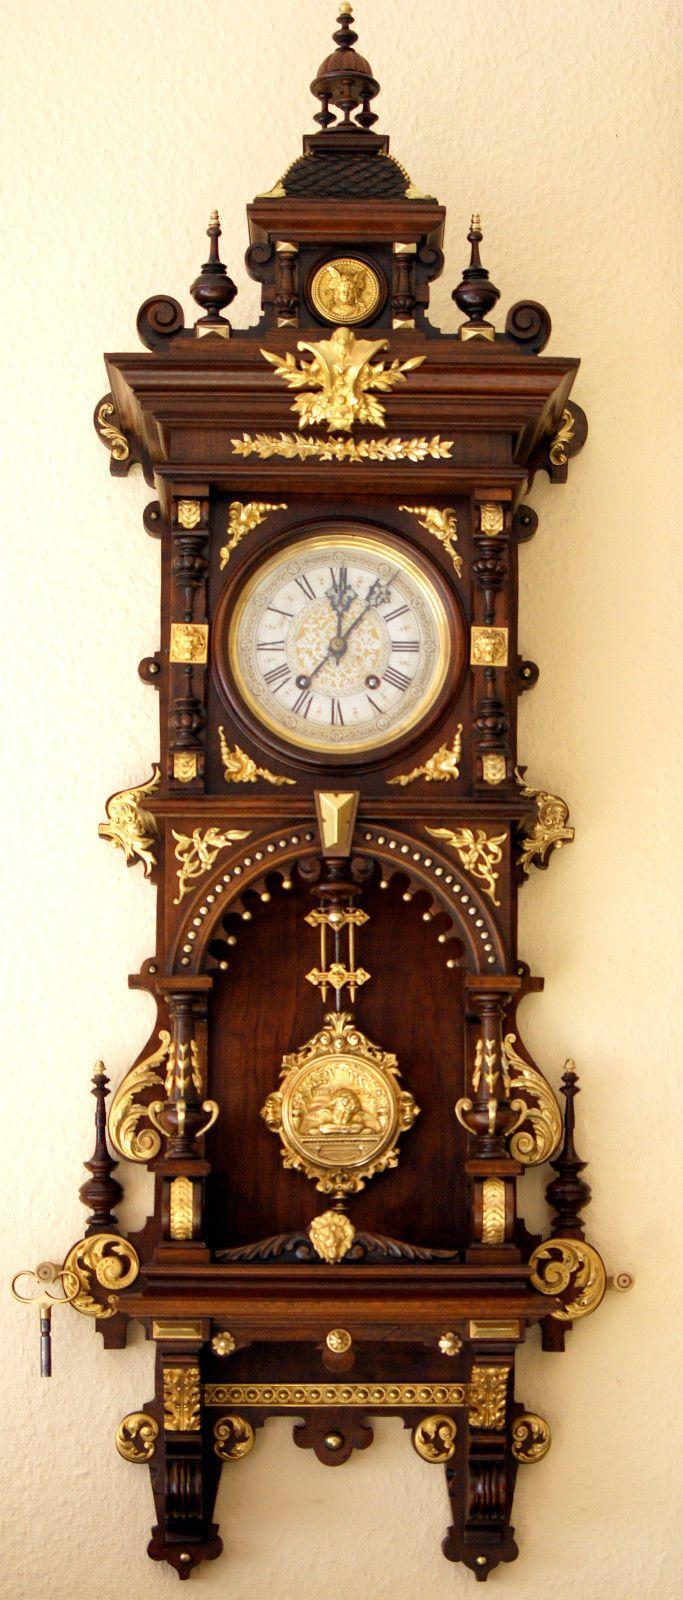 lenzkirch freischwiger 1880 ebay clock wall clock pinterest und. Black Bedroom Furniture Sets. Home Design Ideas